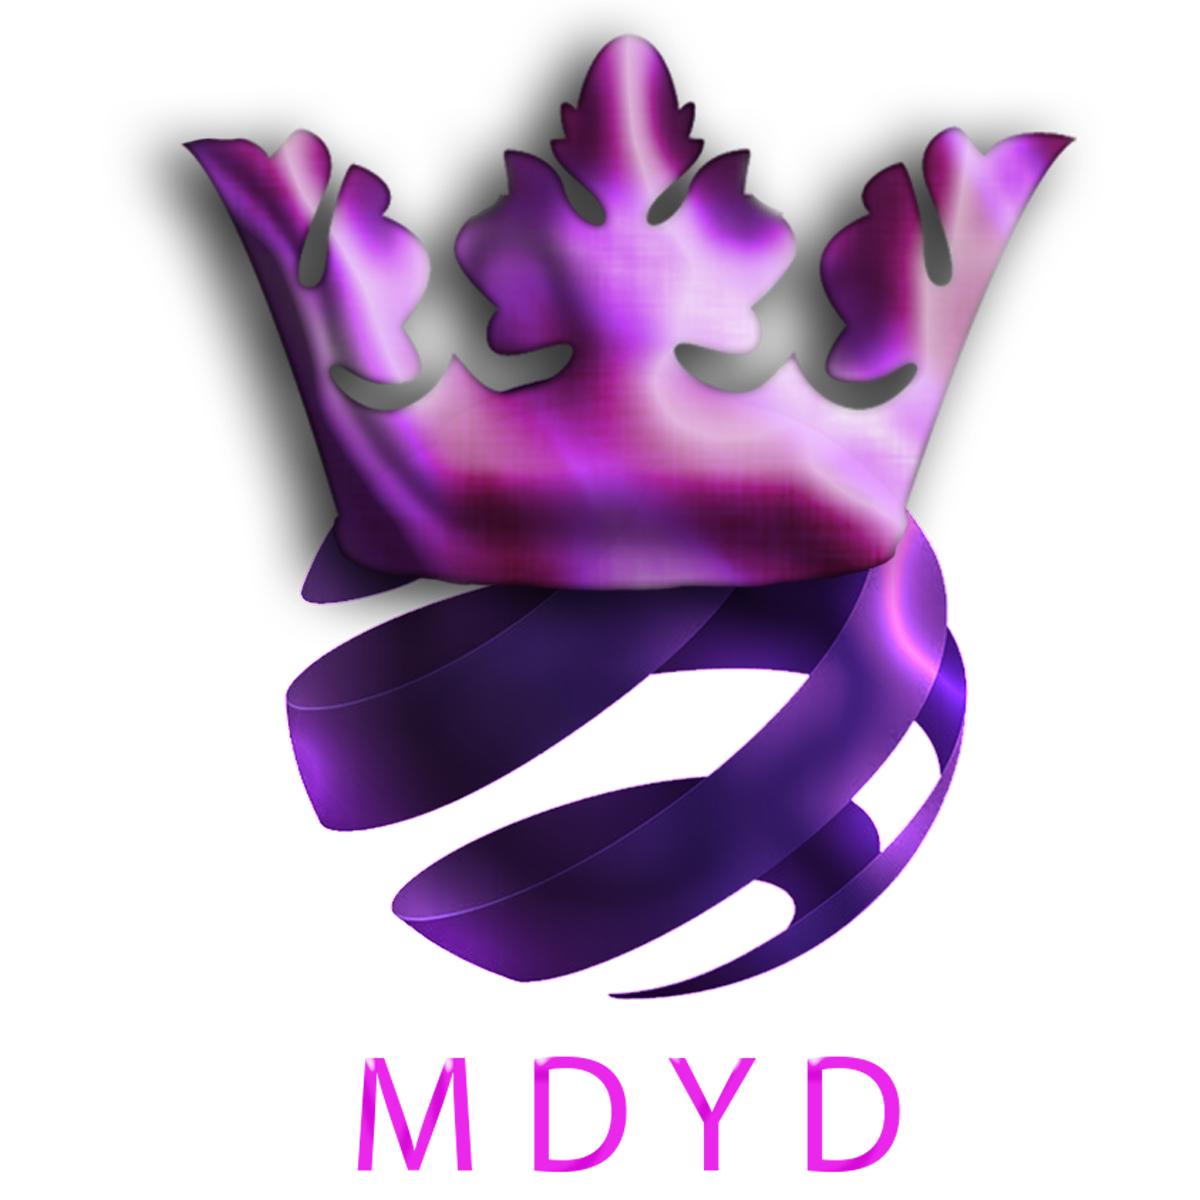 MDYD LOGO